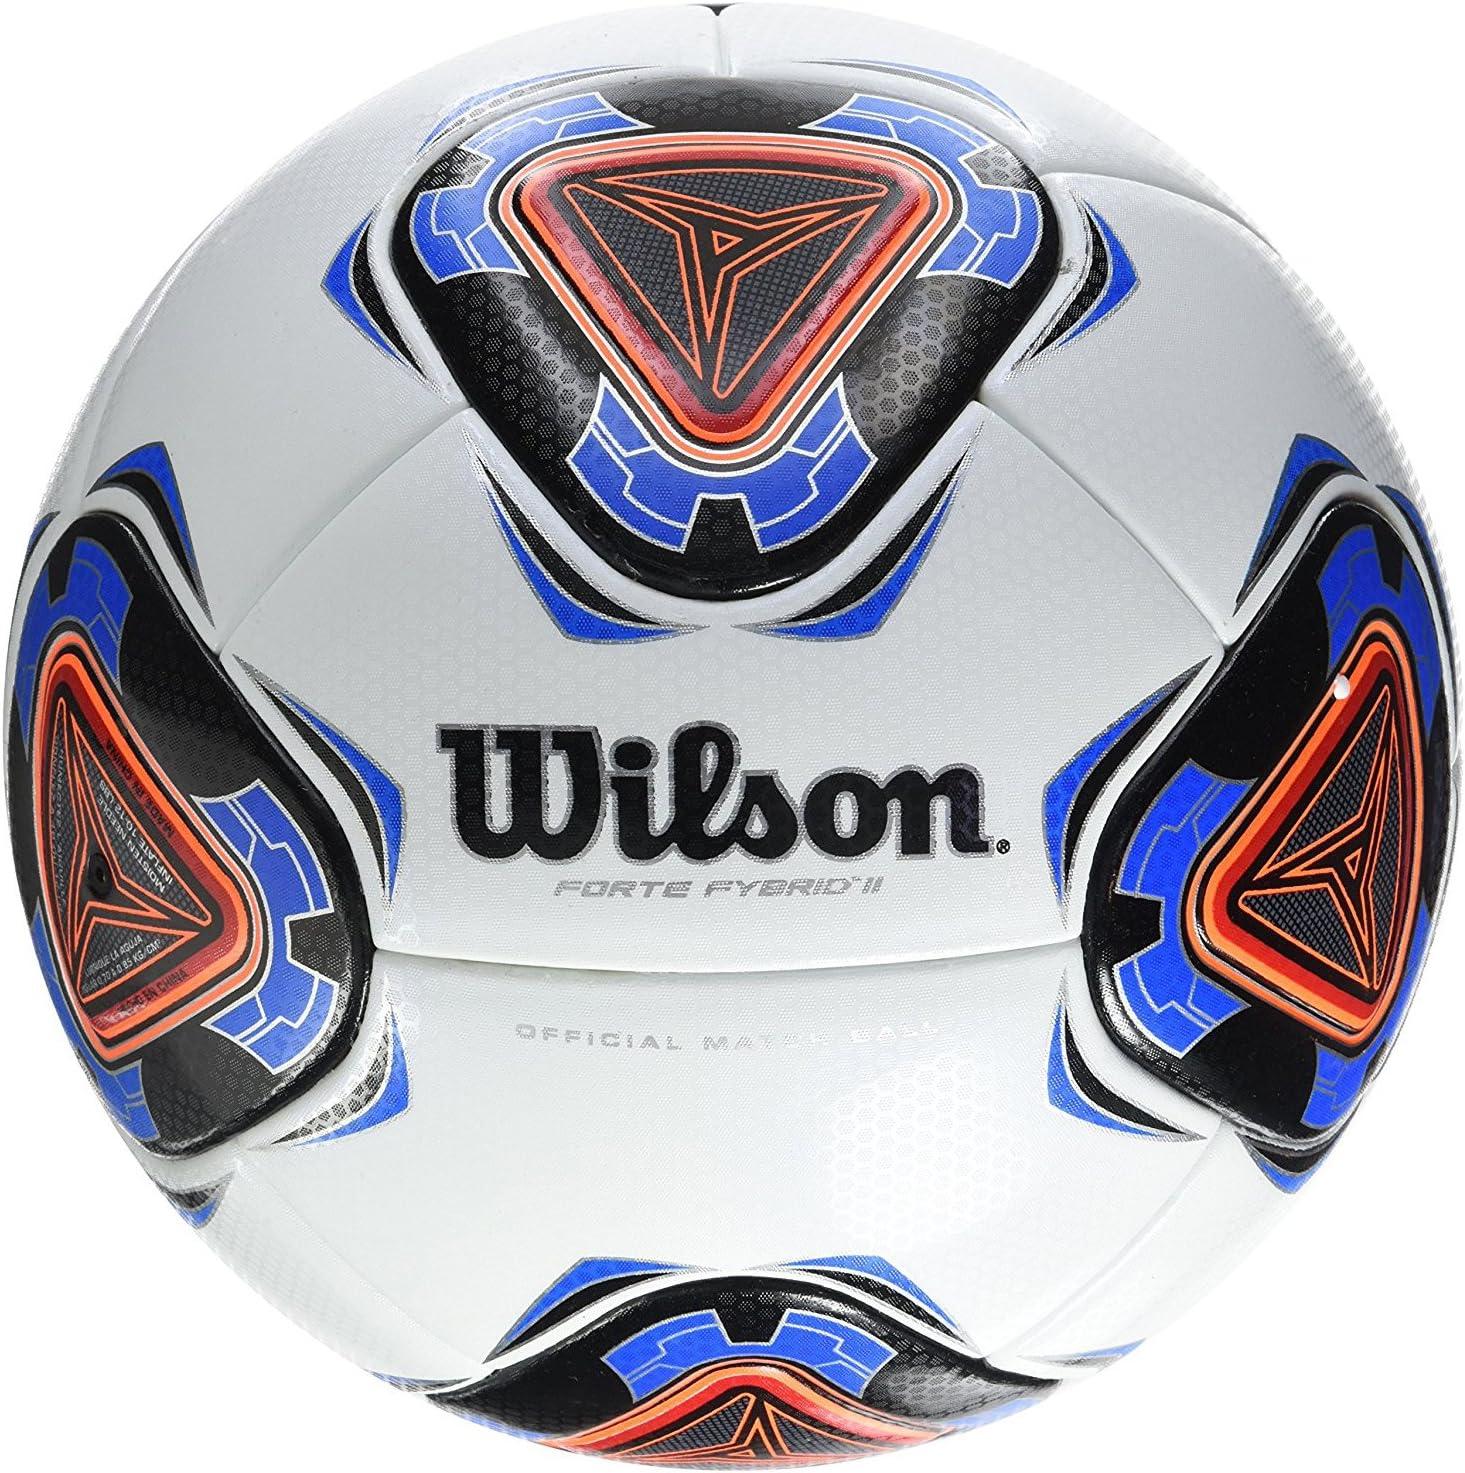 Wilson Forte Fybrid II Pelota De Fútbol, Unisex Adulto, White/Blue ...